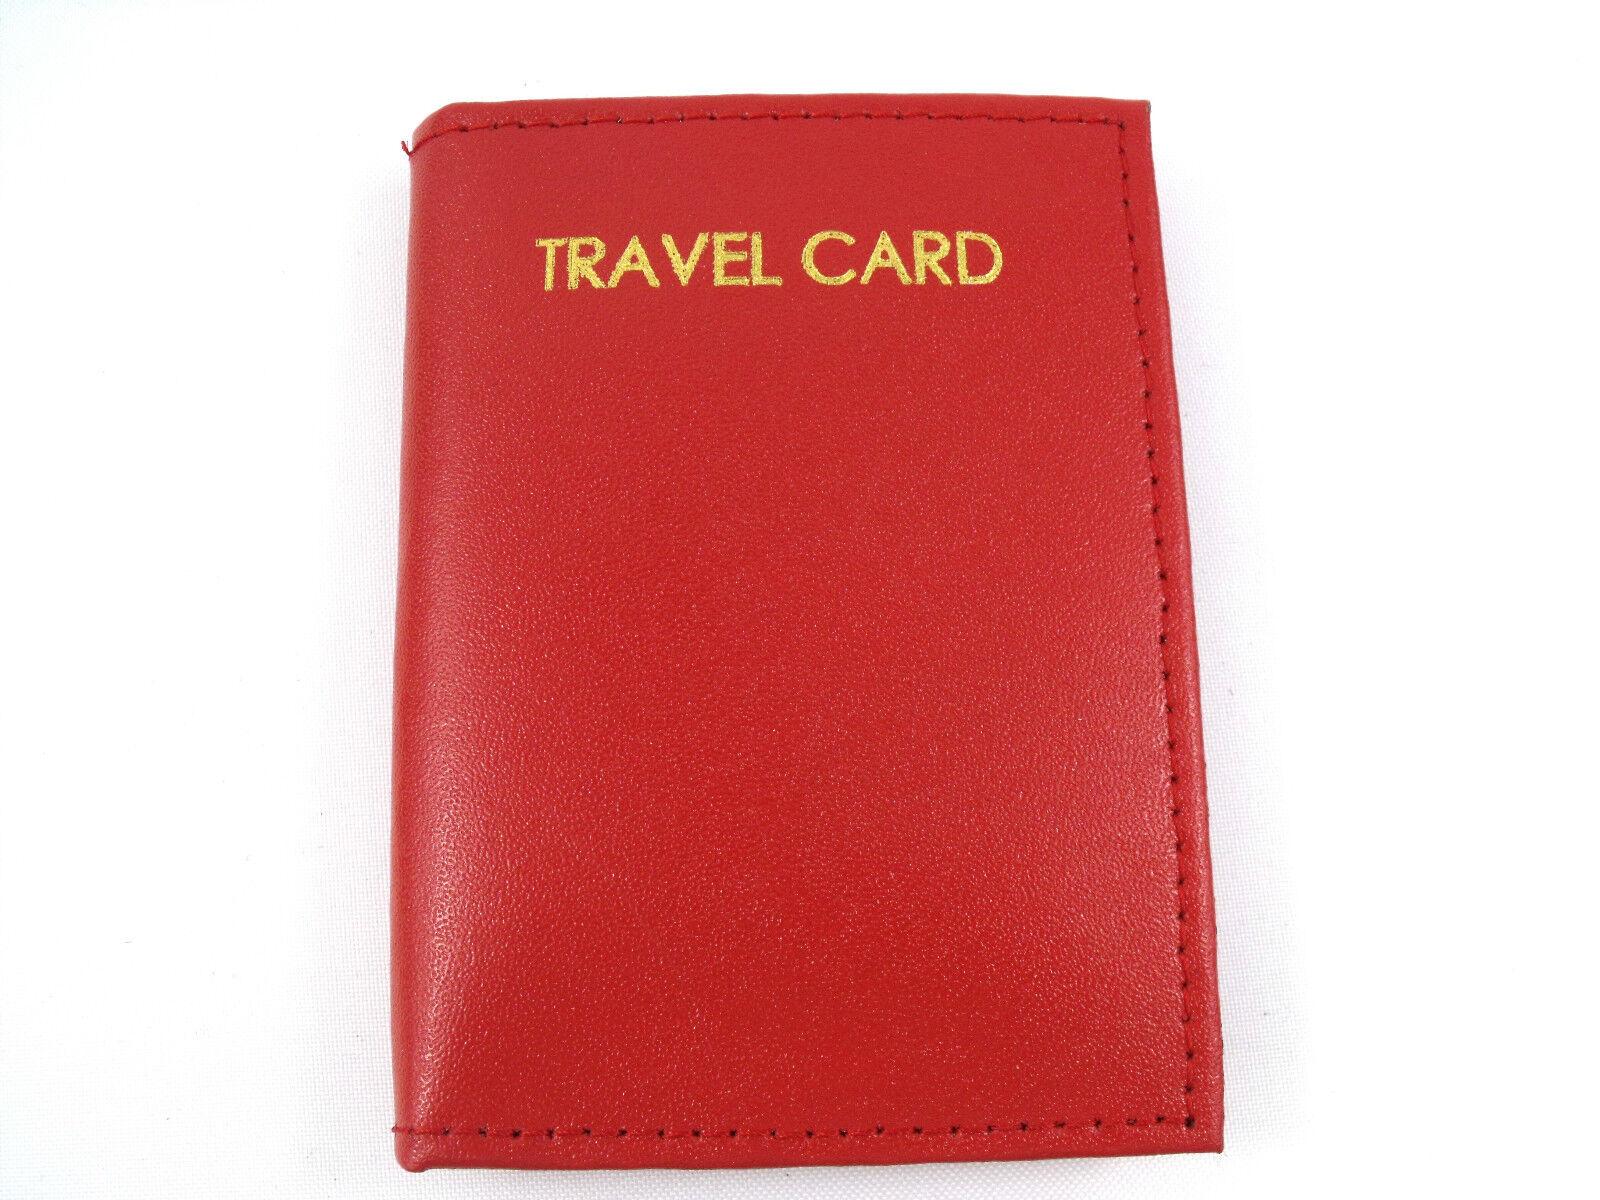 Unisexe Neuf Cuir Véritable Souple Voyage Carte Bud Pass Support Identité Crédit